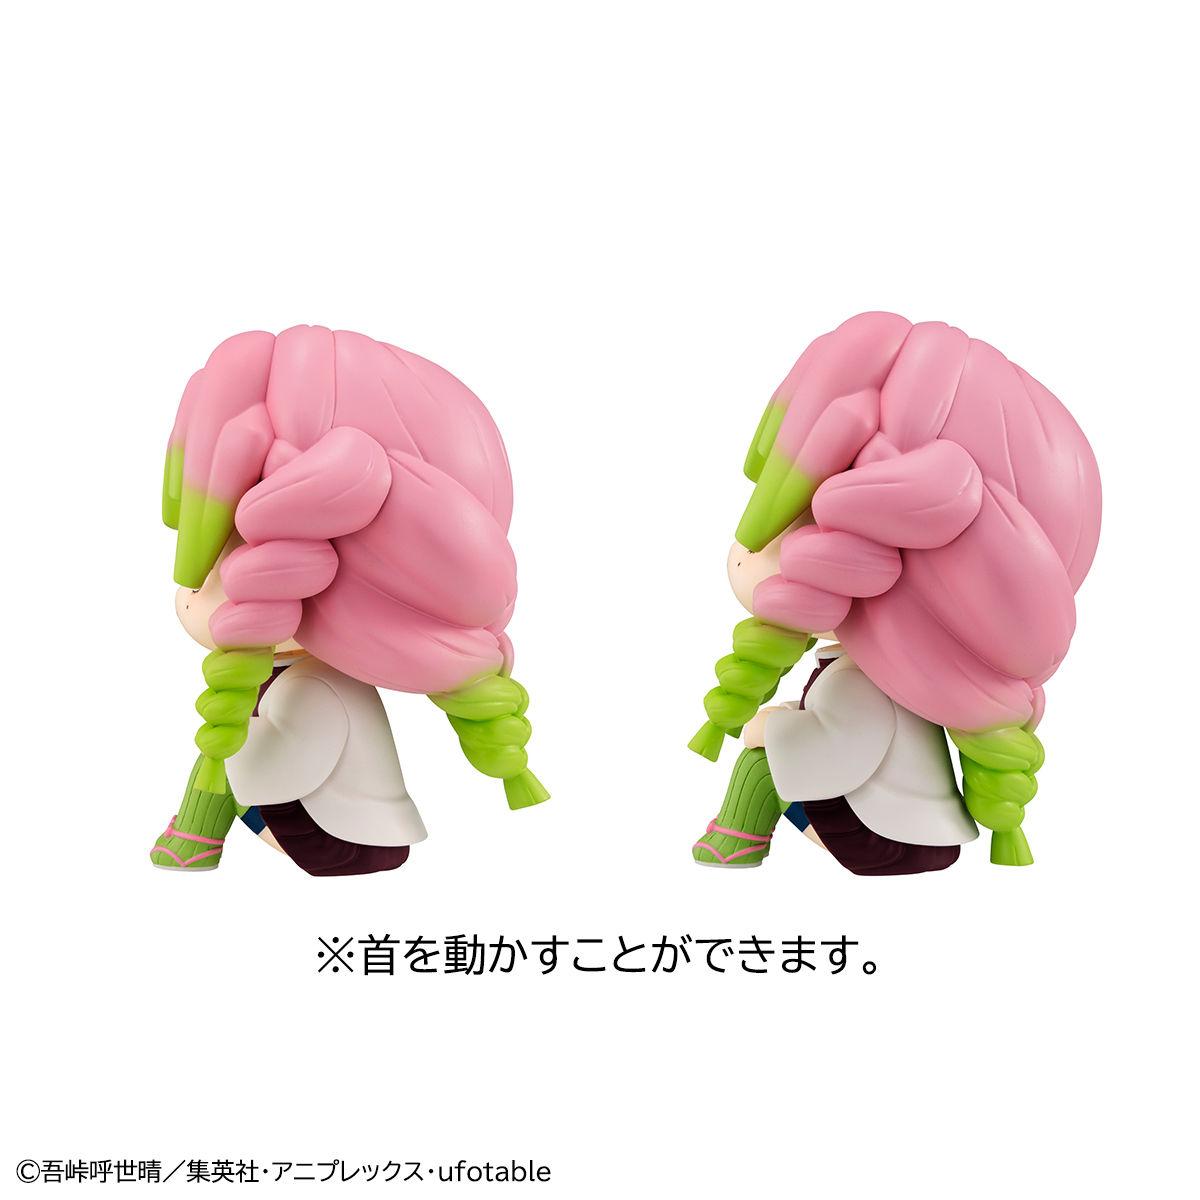 るかっぷ『甘露寺蜜璃』鬼滅の刃 デフォルメ完成品フィギュア-007